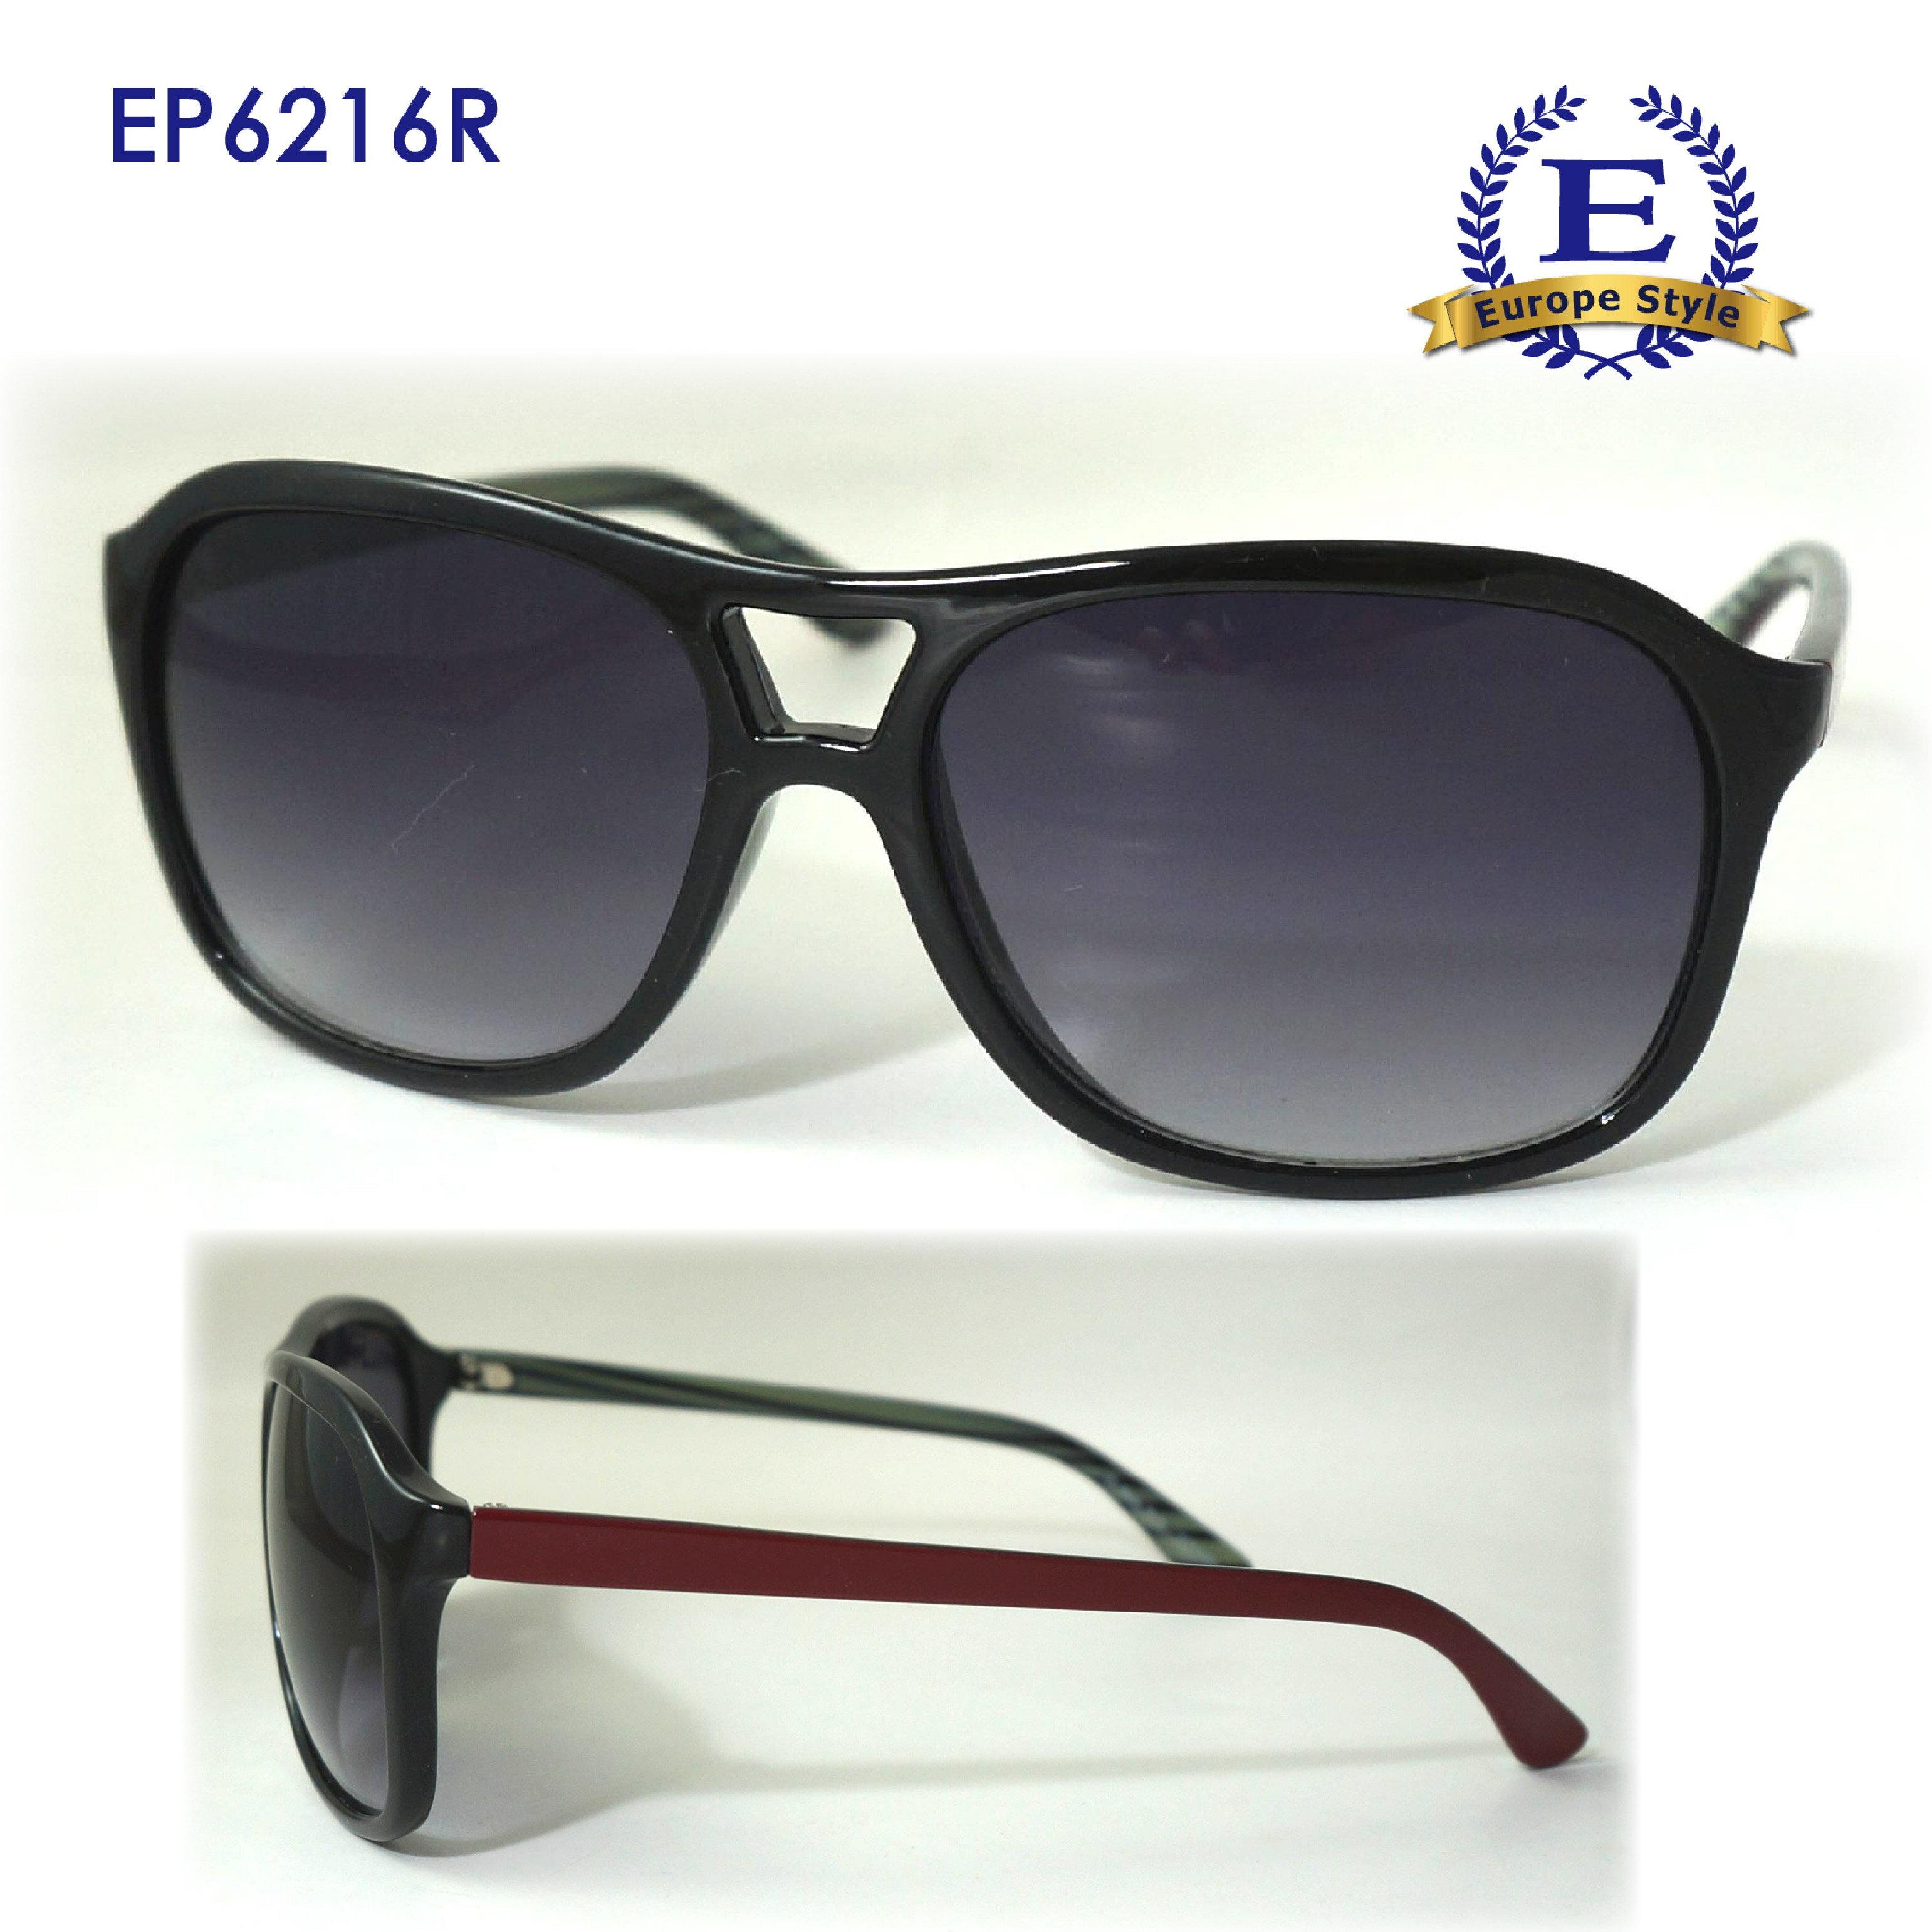 【歐風天地】太陽眼鏡 EP6216R 流行時尚 復古帥氣 流行時尚 防風眼鏡 單車眼鏡 運動太陽眼鏡 運動眼鏡 自行車眼鏡 野外戶外用品